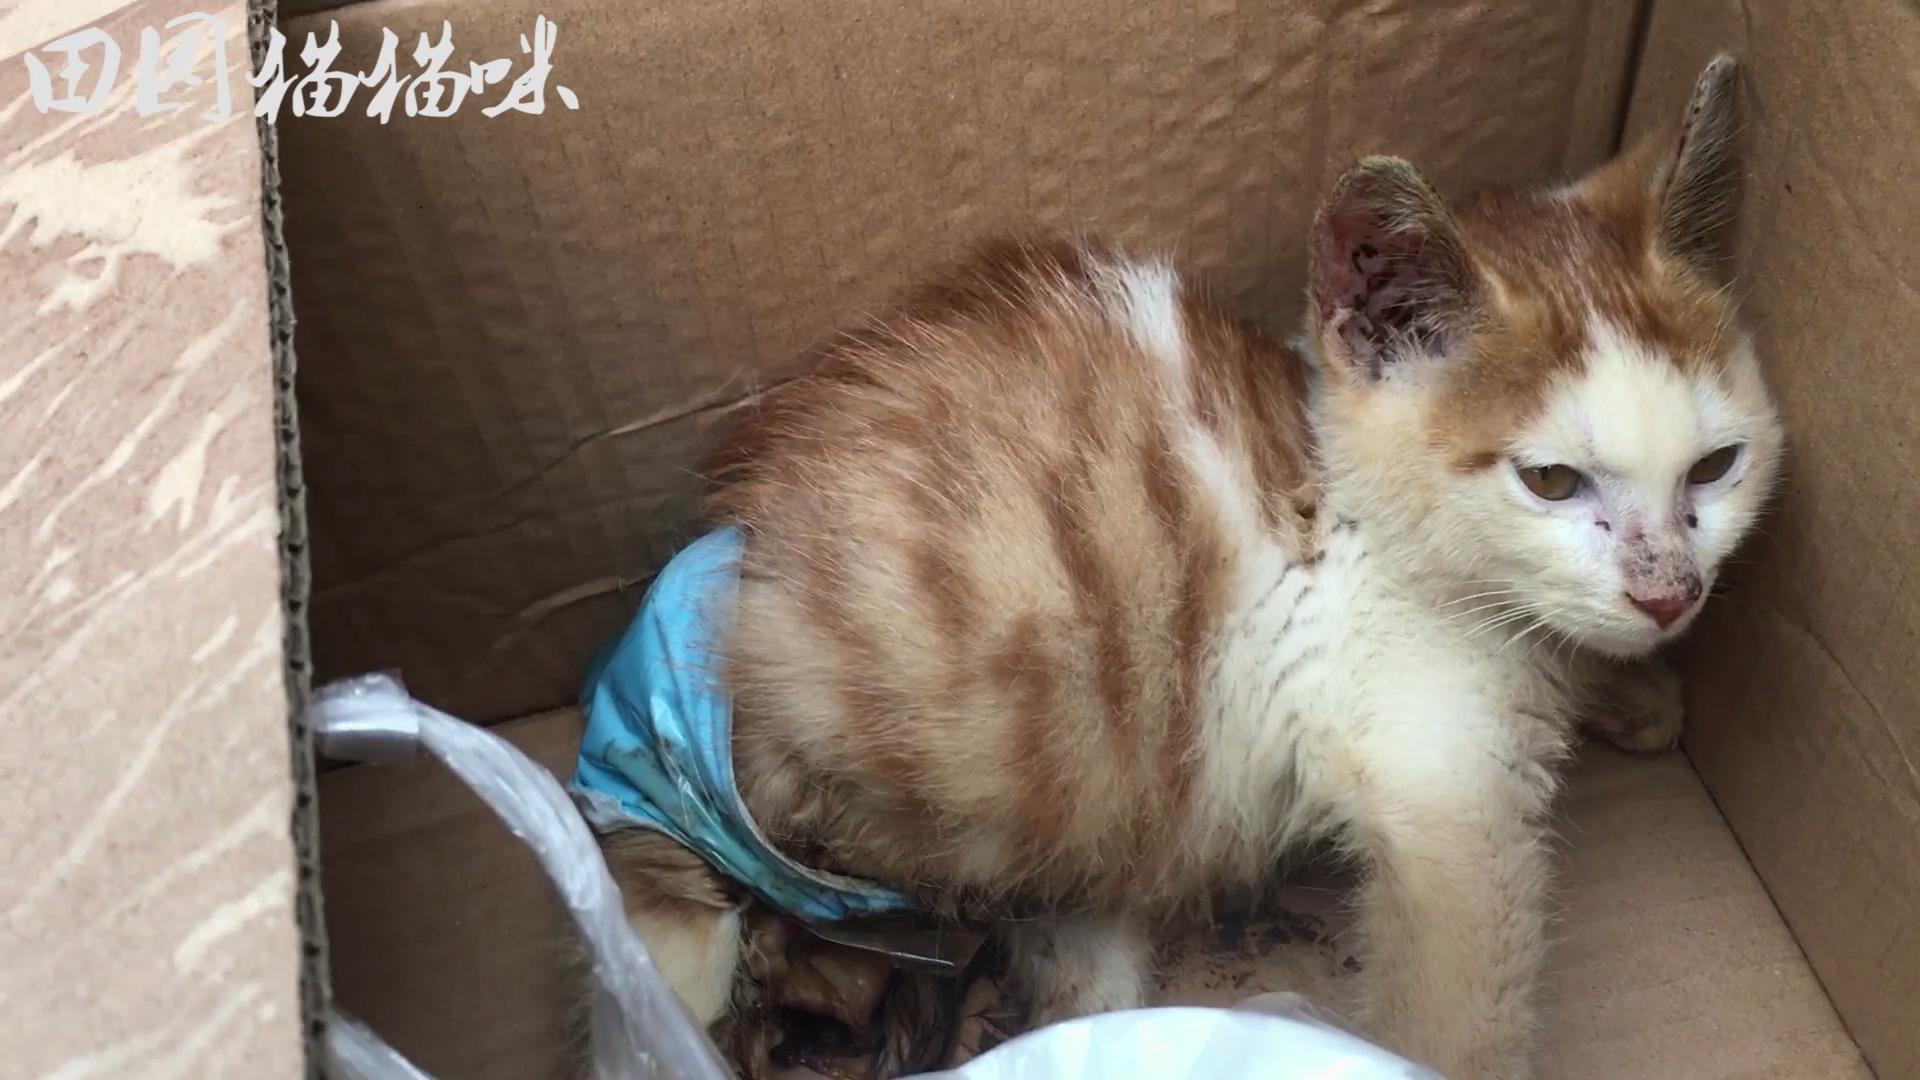 这么可爱的小猫被车碾压了双腿,导致下半身皮肤全部腐烂坏死